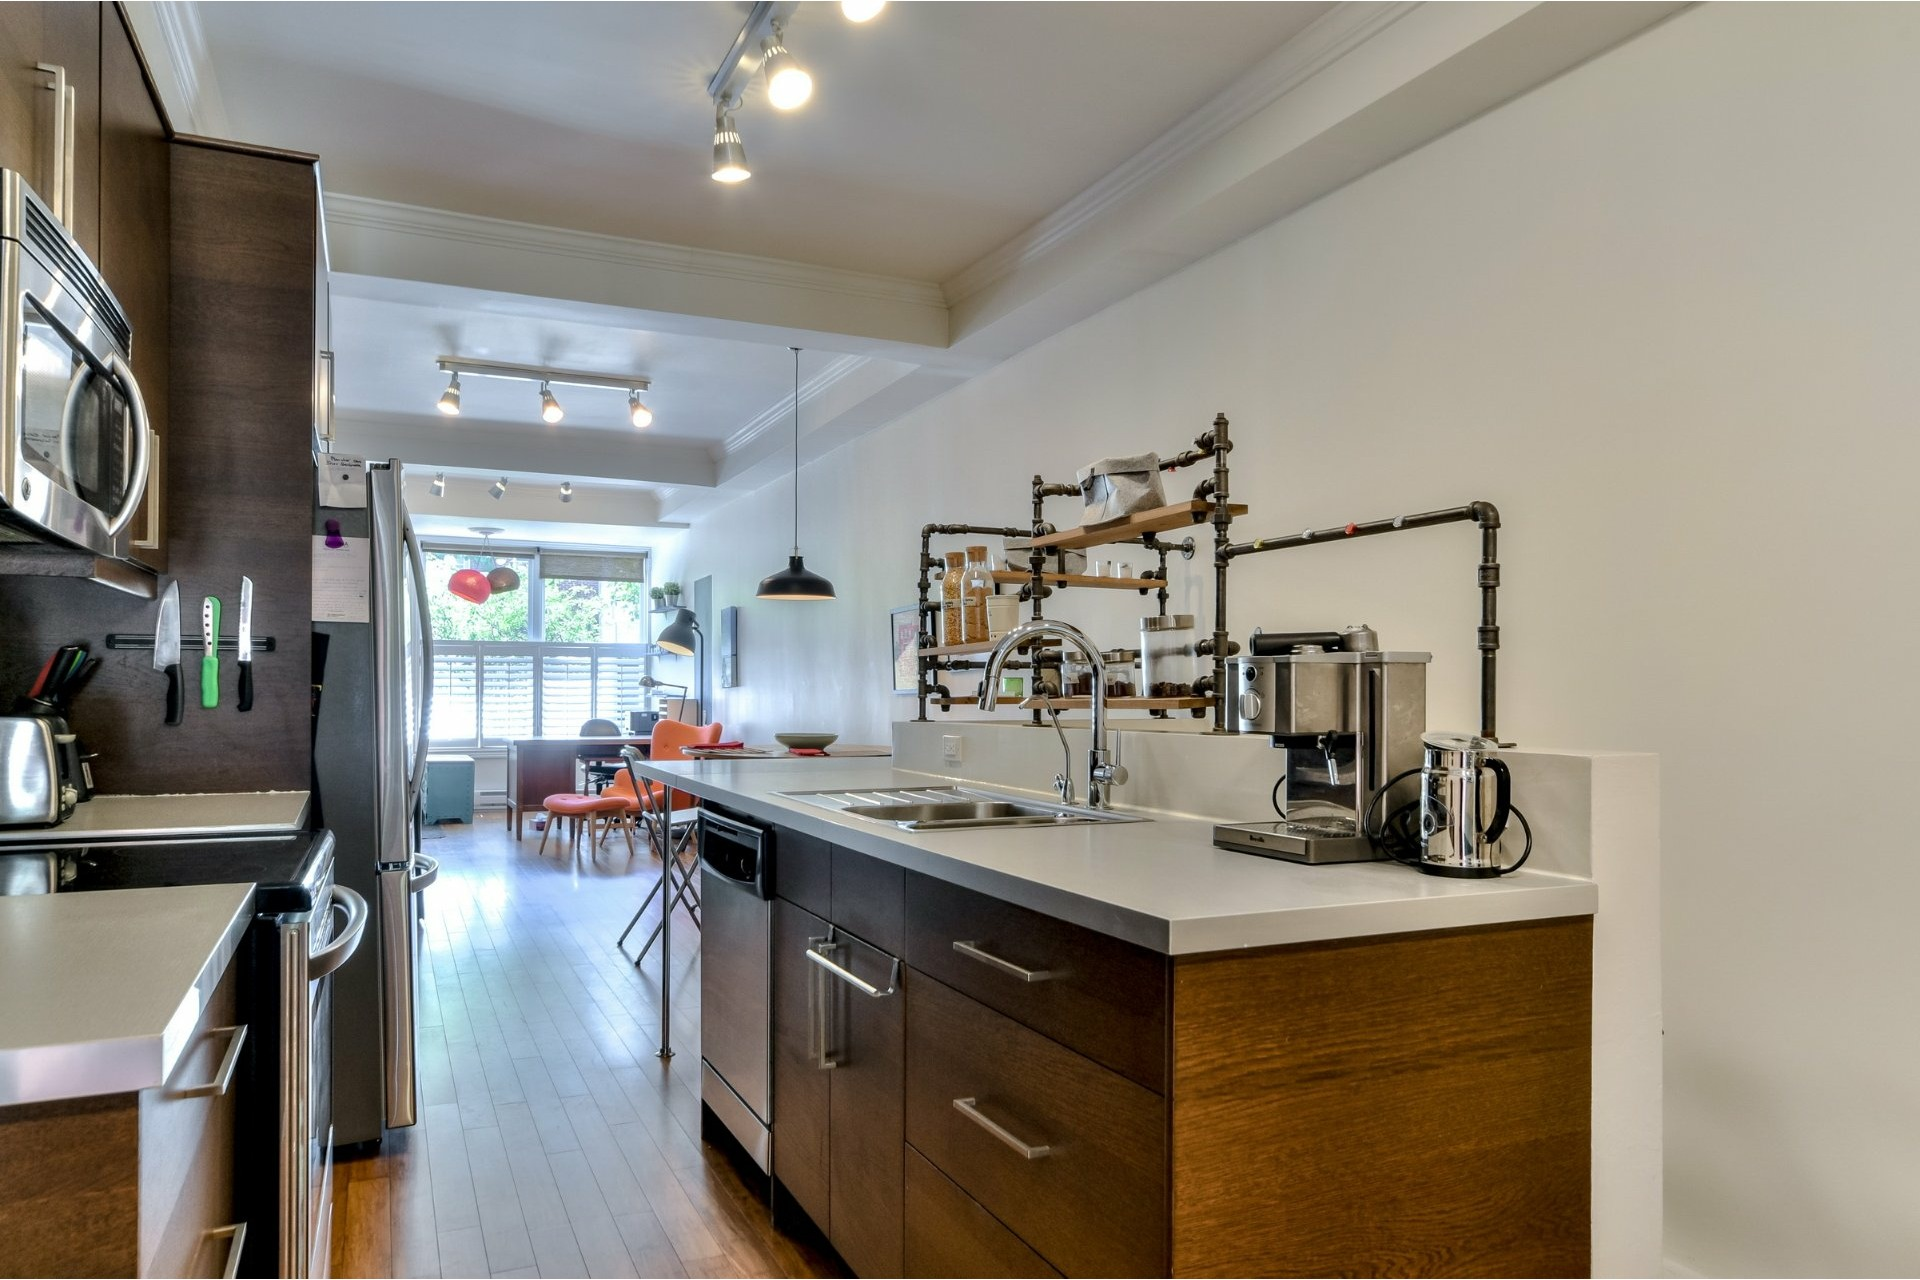 image 13 - Apartment For sale Le Plateau-Mont-Royal Montréal  - 5 rooms